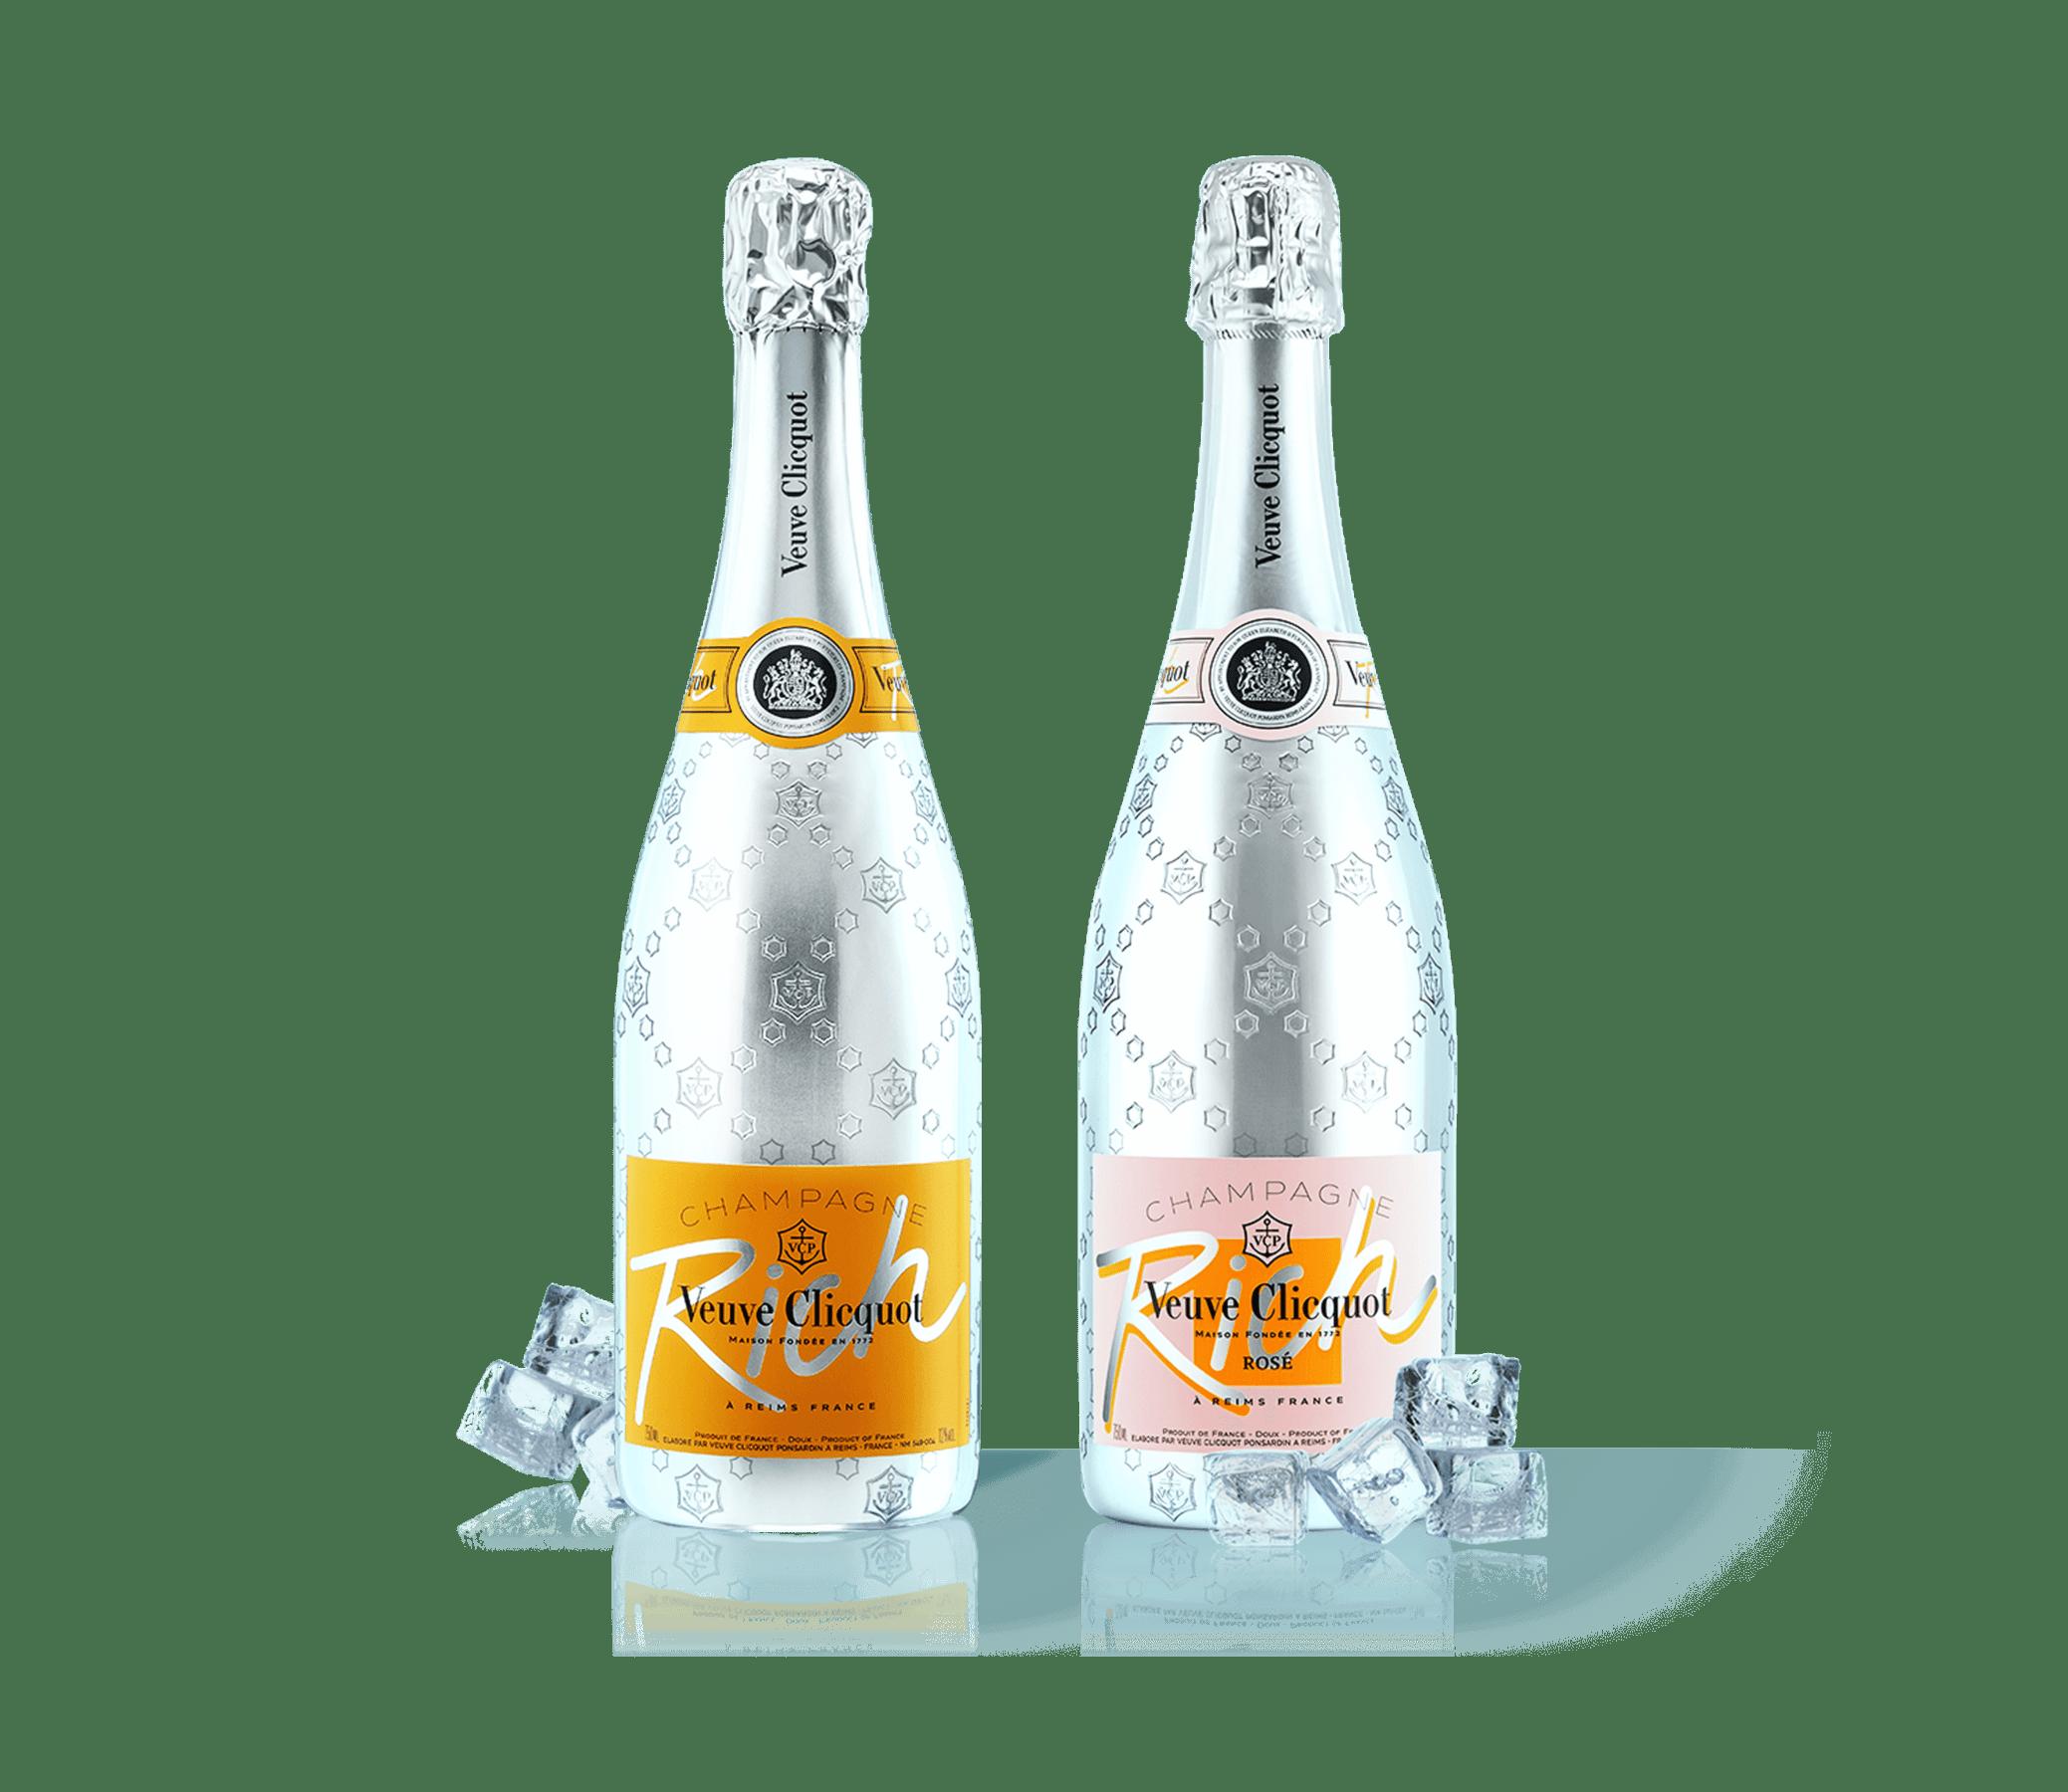 Bouteilles de Champagne Veuve Clicquot Rich